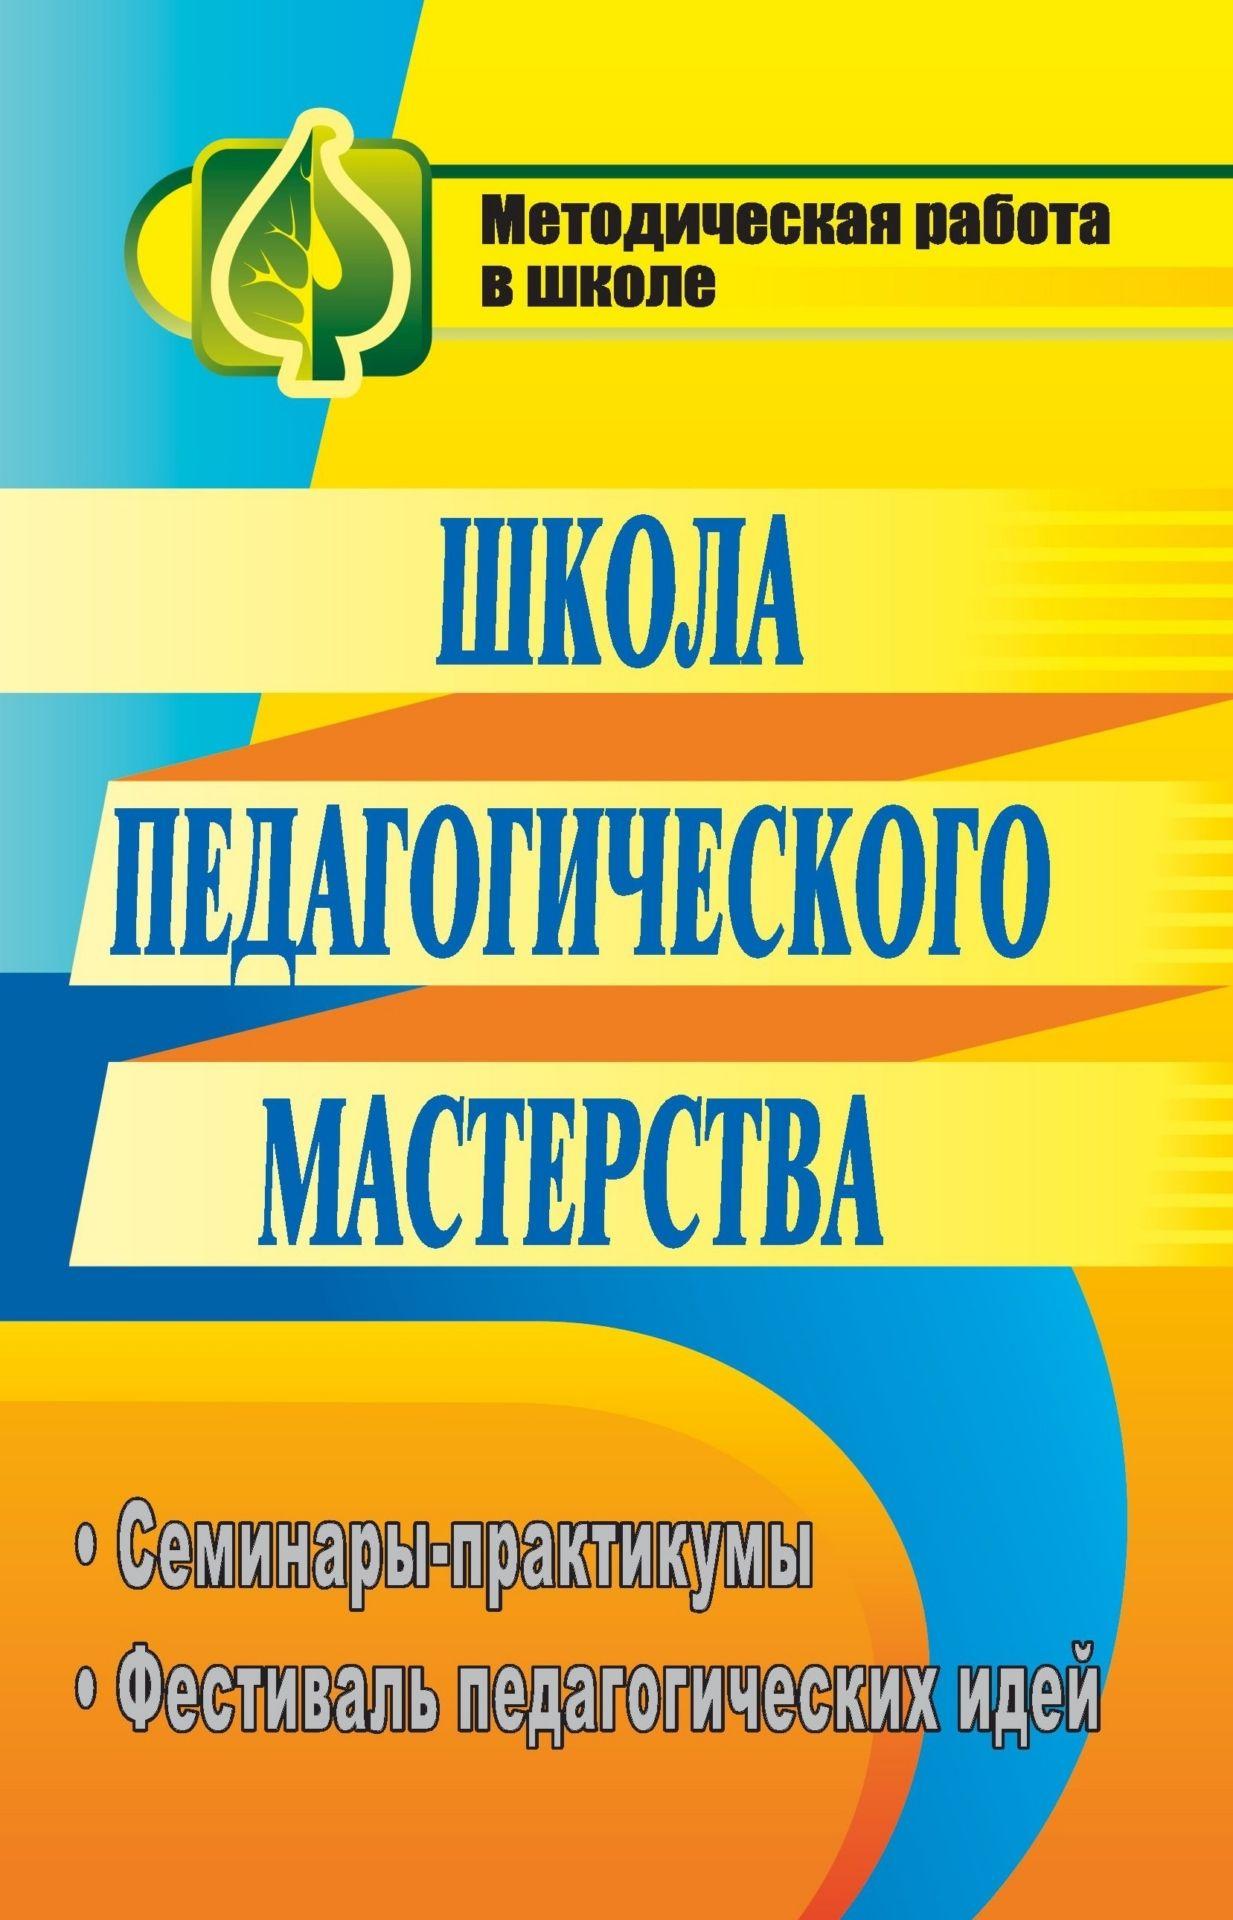 Школа педагогического мастерства: семинары-практикумы, фестиваль педагогических идей